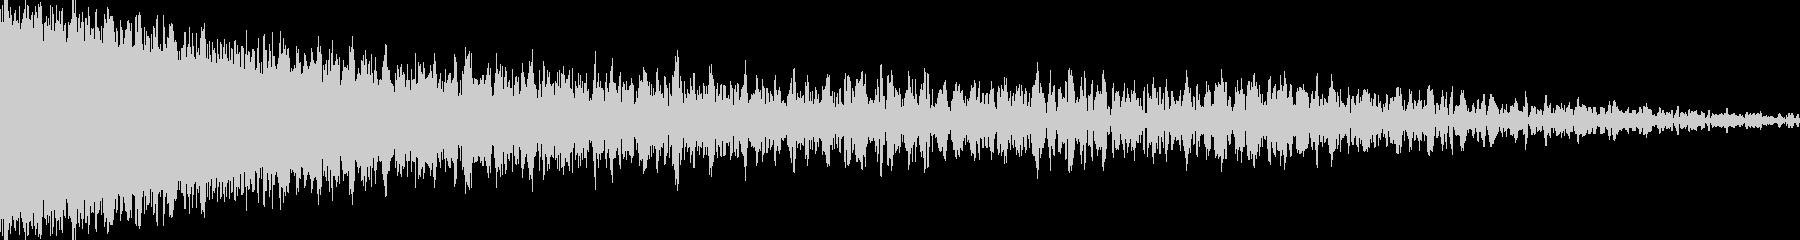 シューン(ワープ音、ビーム発射音)の未再生の波形